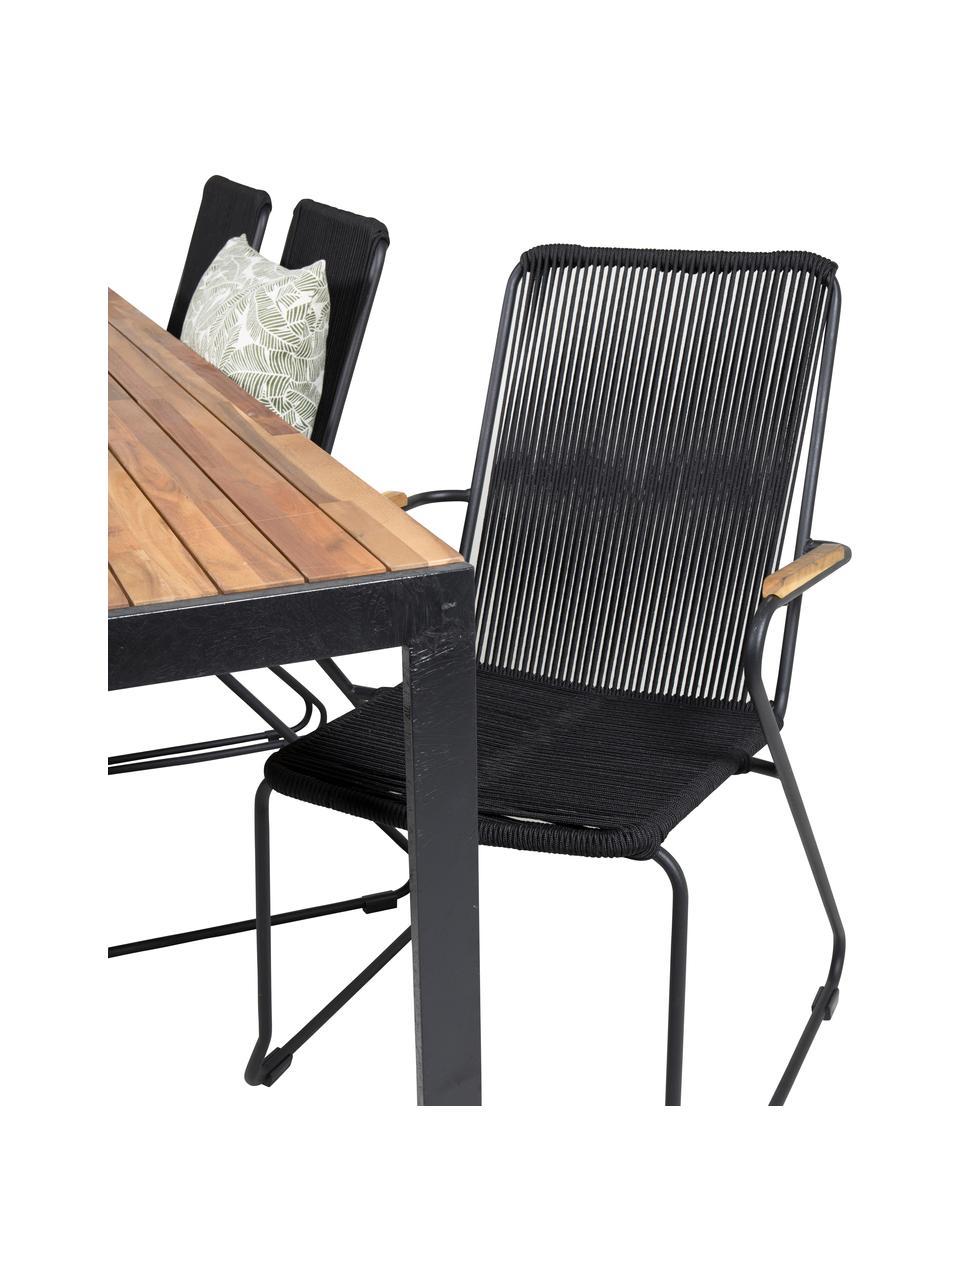 Tuinmeubelset Bois, 7-delig, Zitvlak: touw, gecoat, Zwart, bruin, Set met verschillende formaten